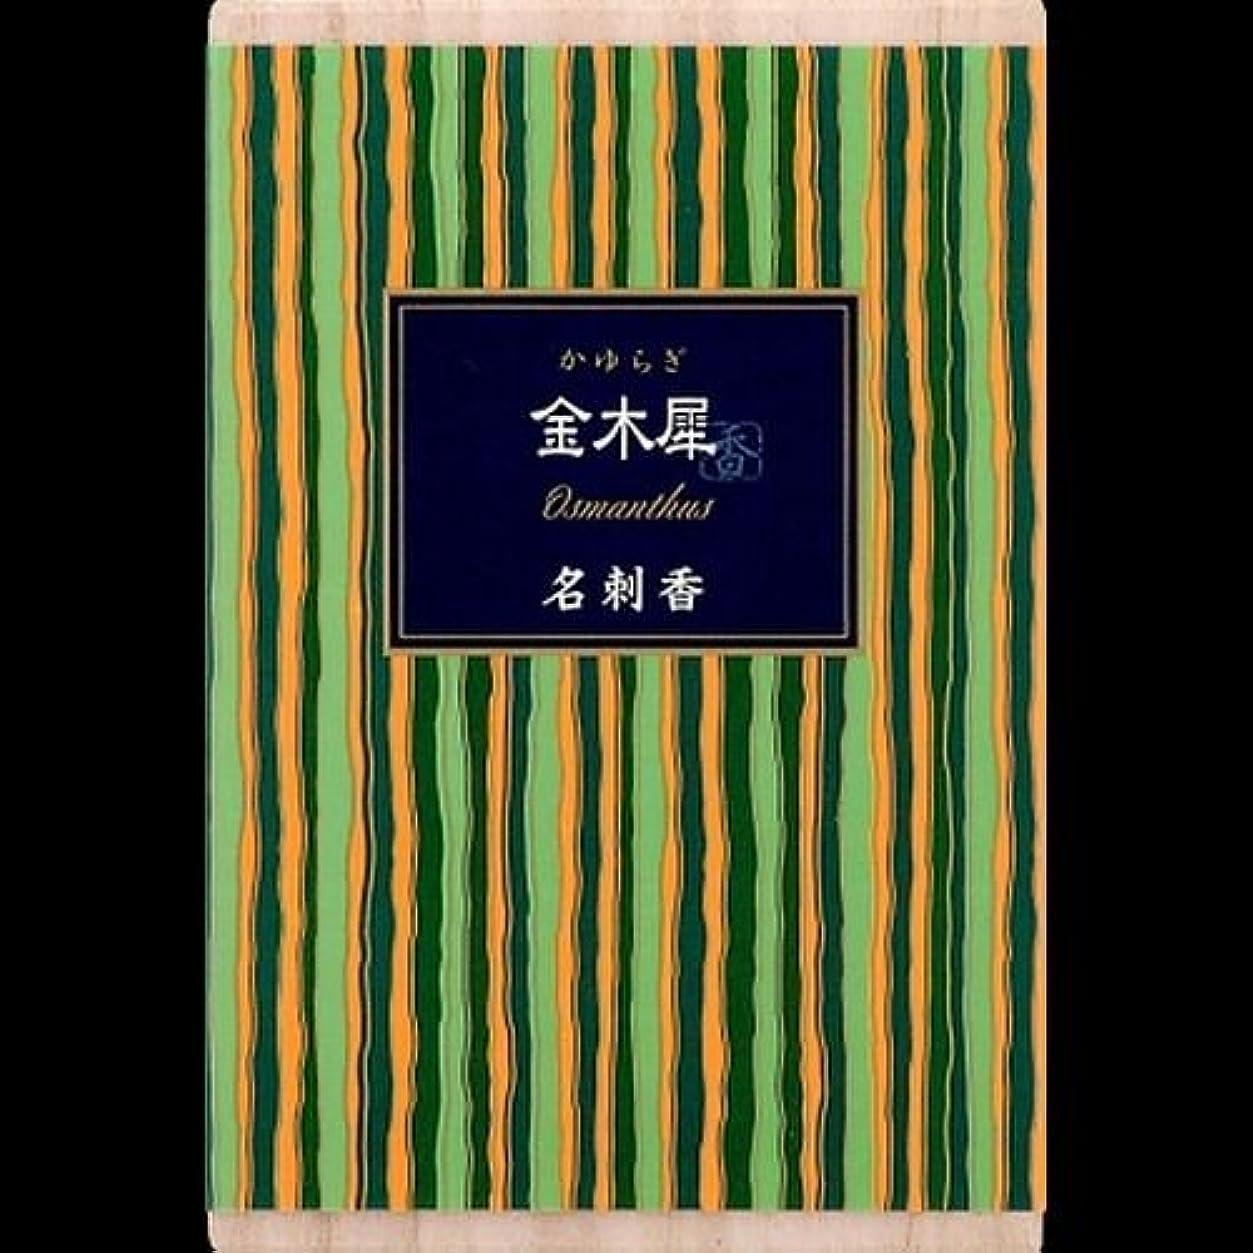 回転させる長方形であること【まとめ買い】かゆらぎ 金木犀 名刺香 桐箱 6入 ×2セット